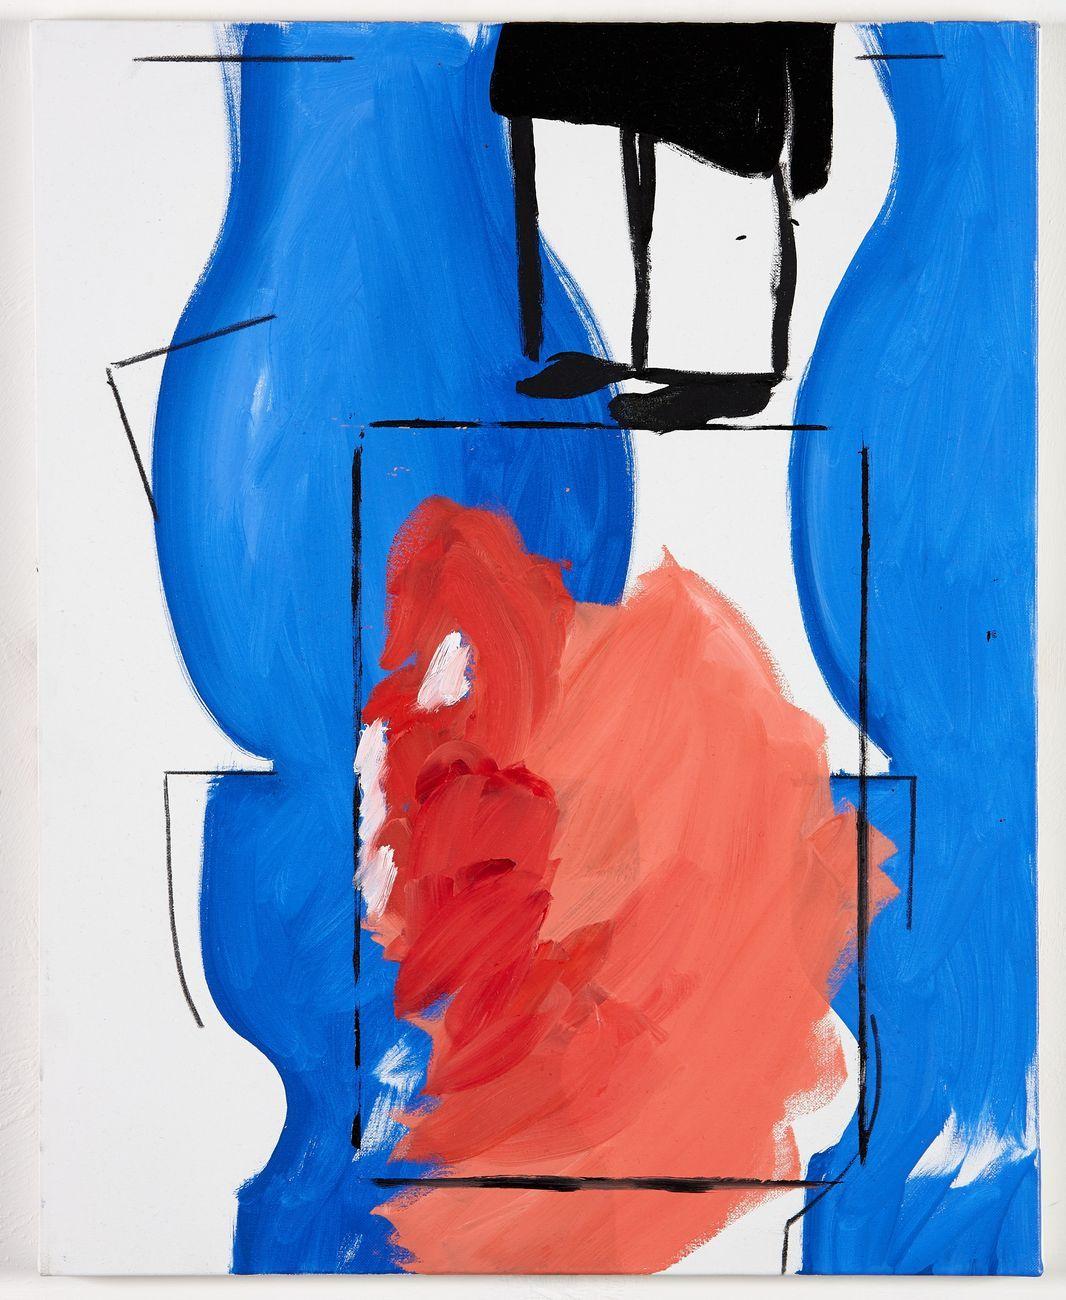 Sofia Silva, Jean Hélion en Arabie, 2016, oil gesso and charcoal on canvas, 50 x 40 cm